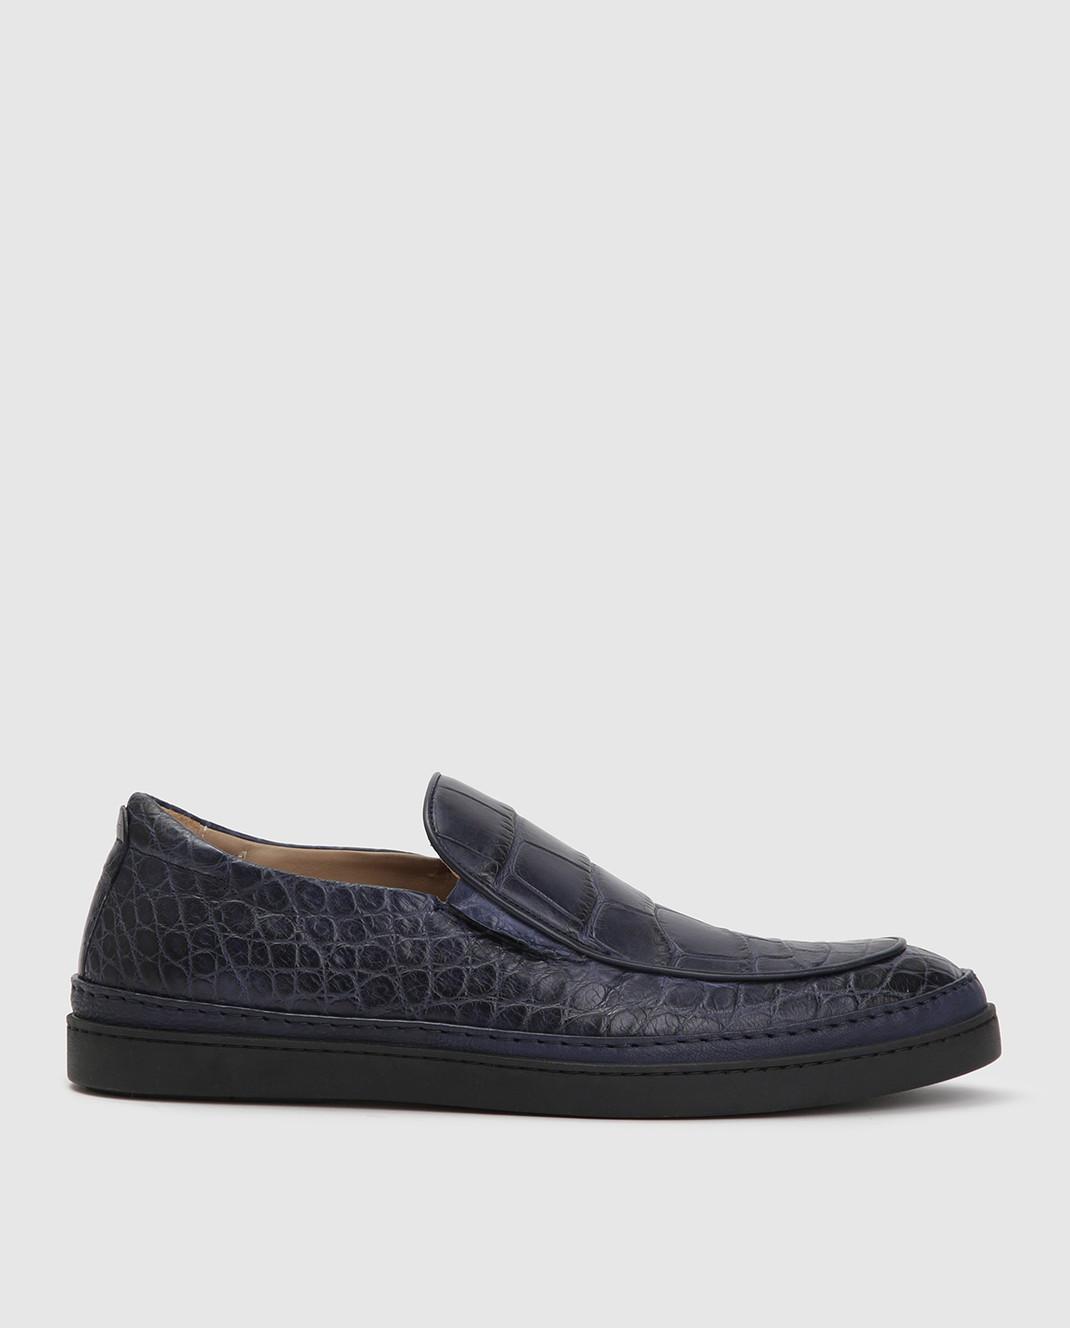 Del Dami Синие туфли из кожи аллигатора изображение 1